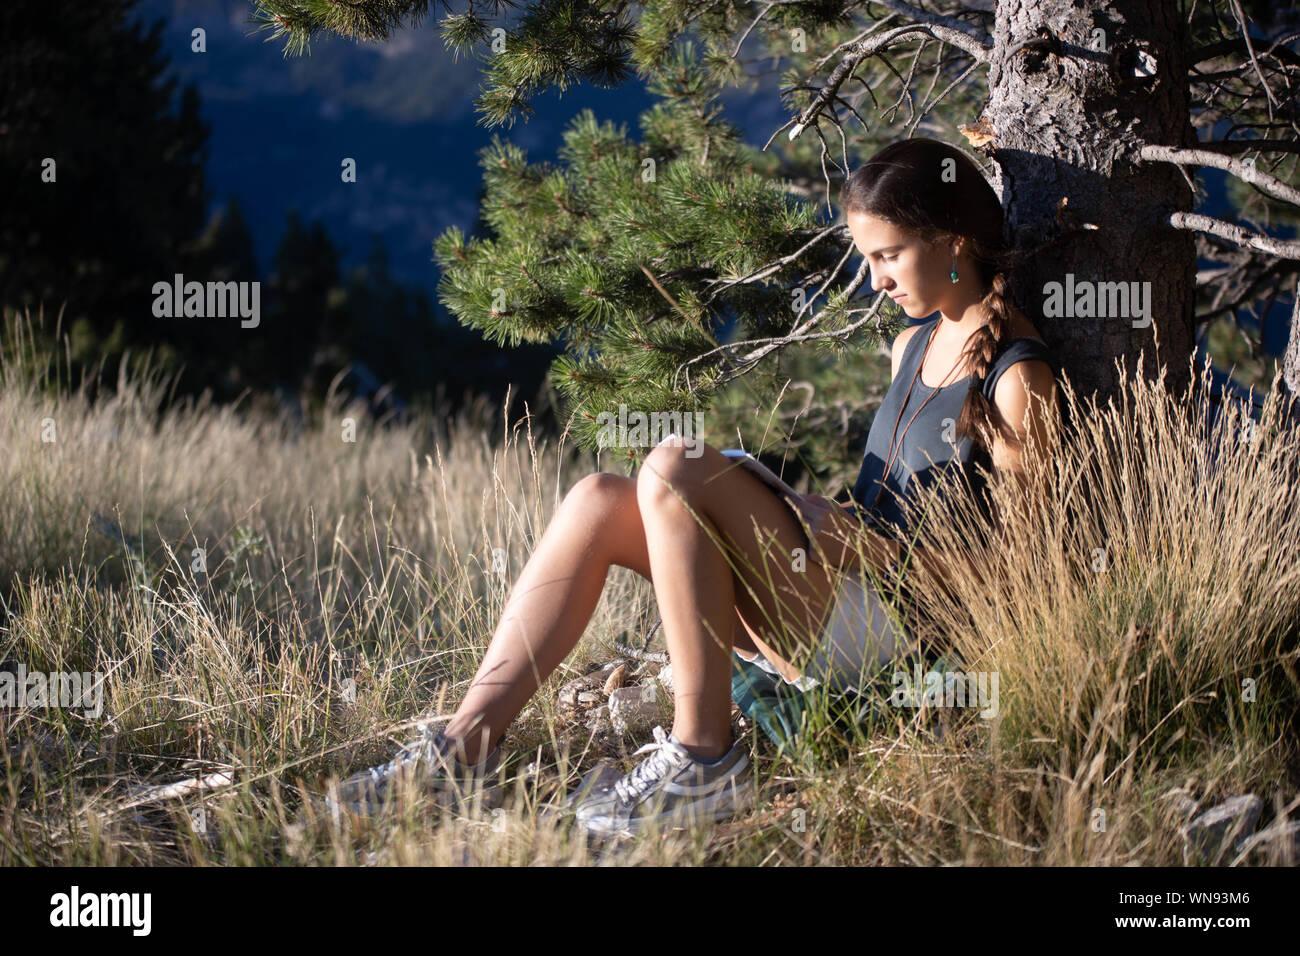 Chica adolescente leyendo un libro el exterior junto a un árbol Stock Photo